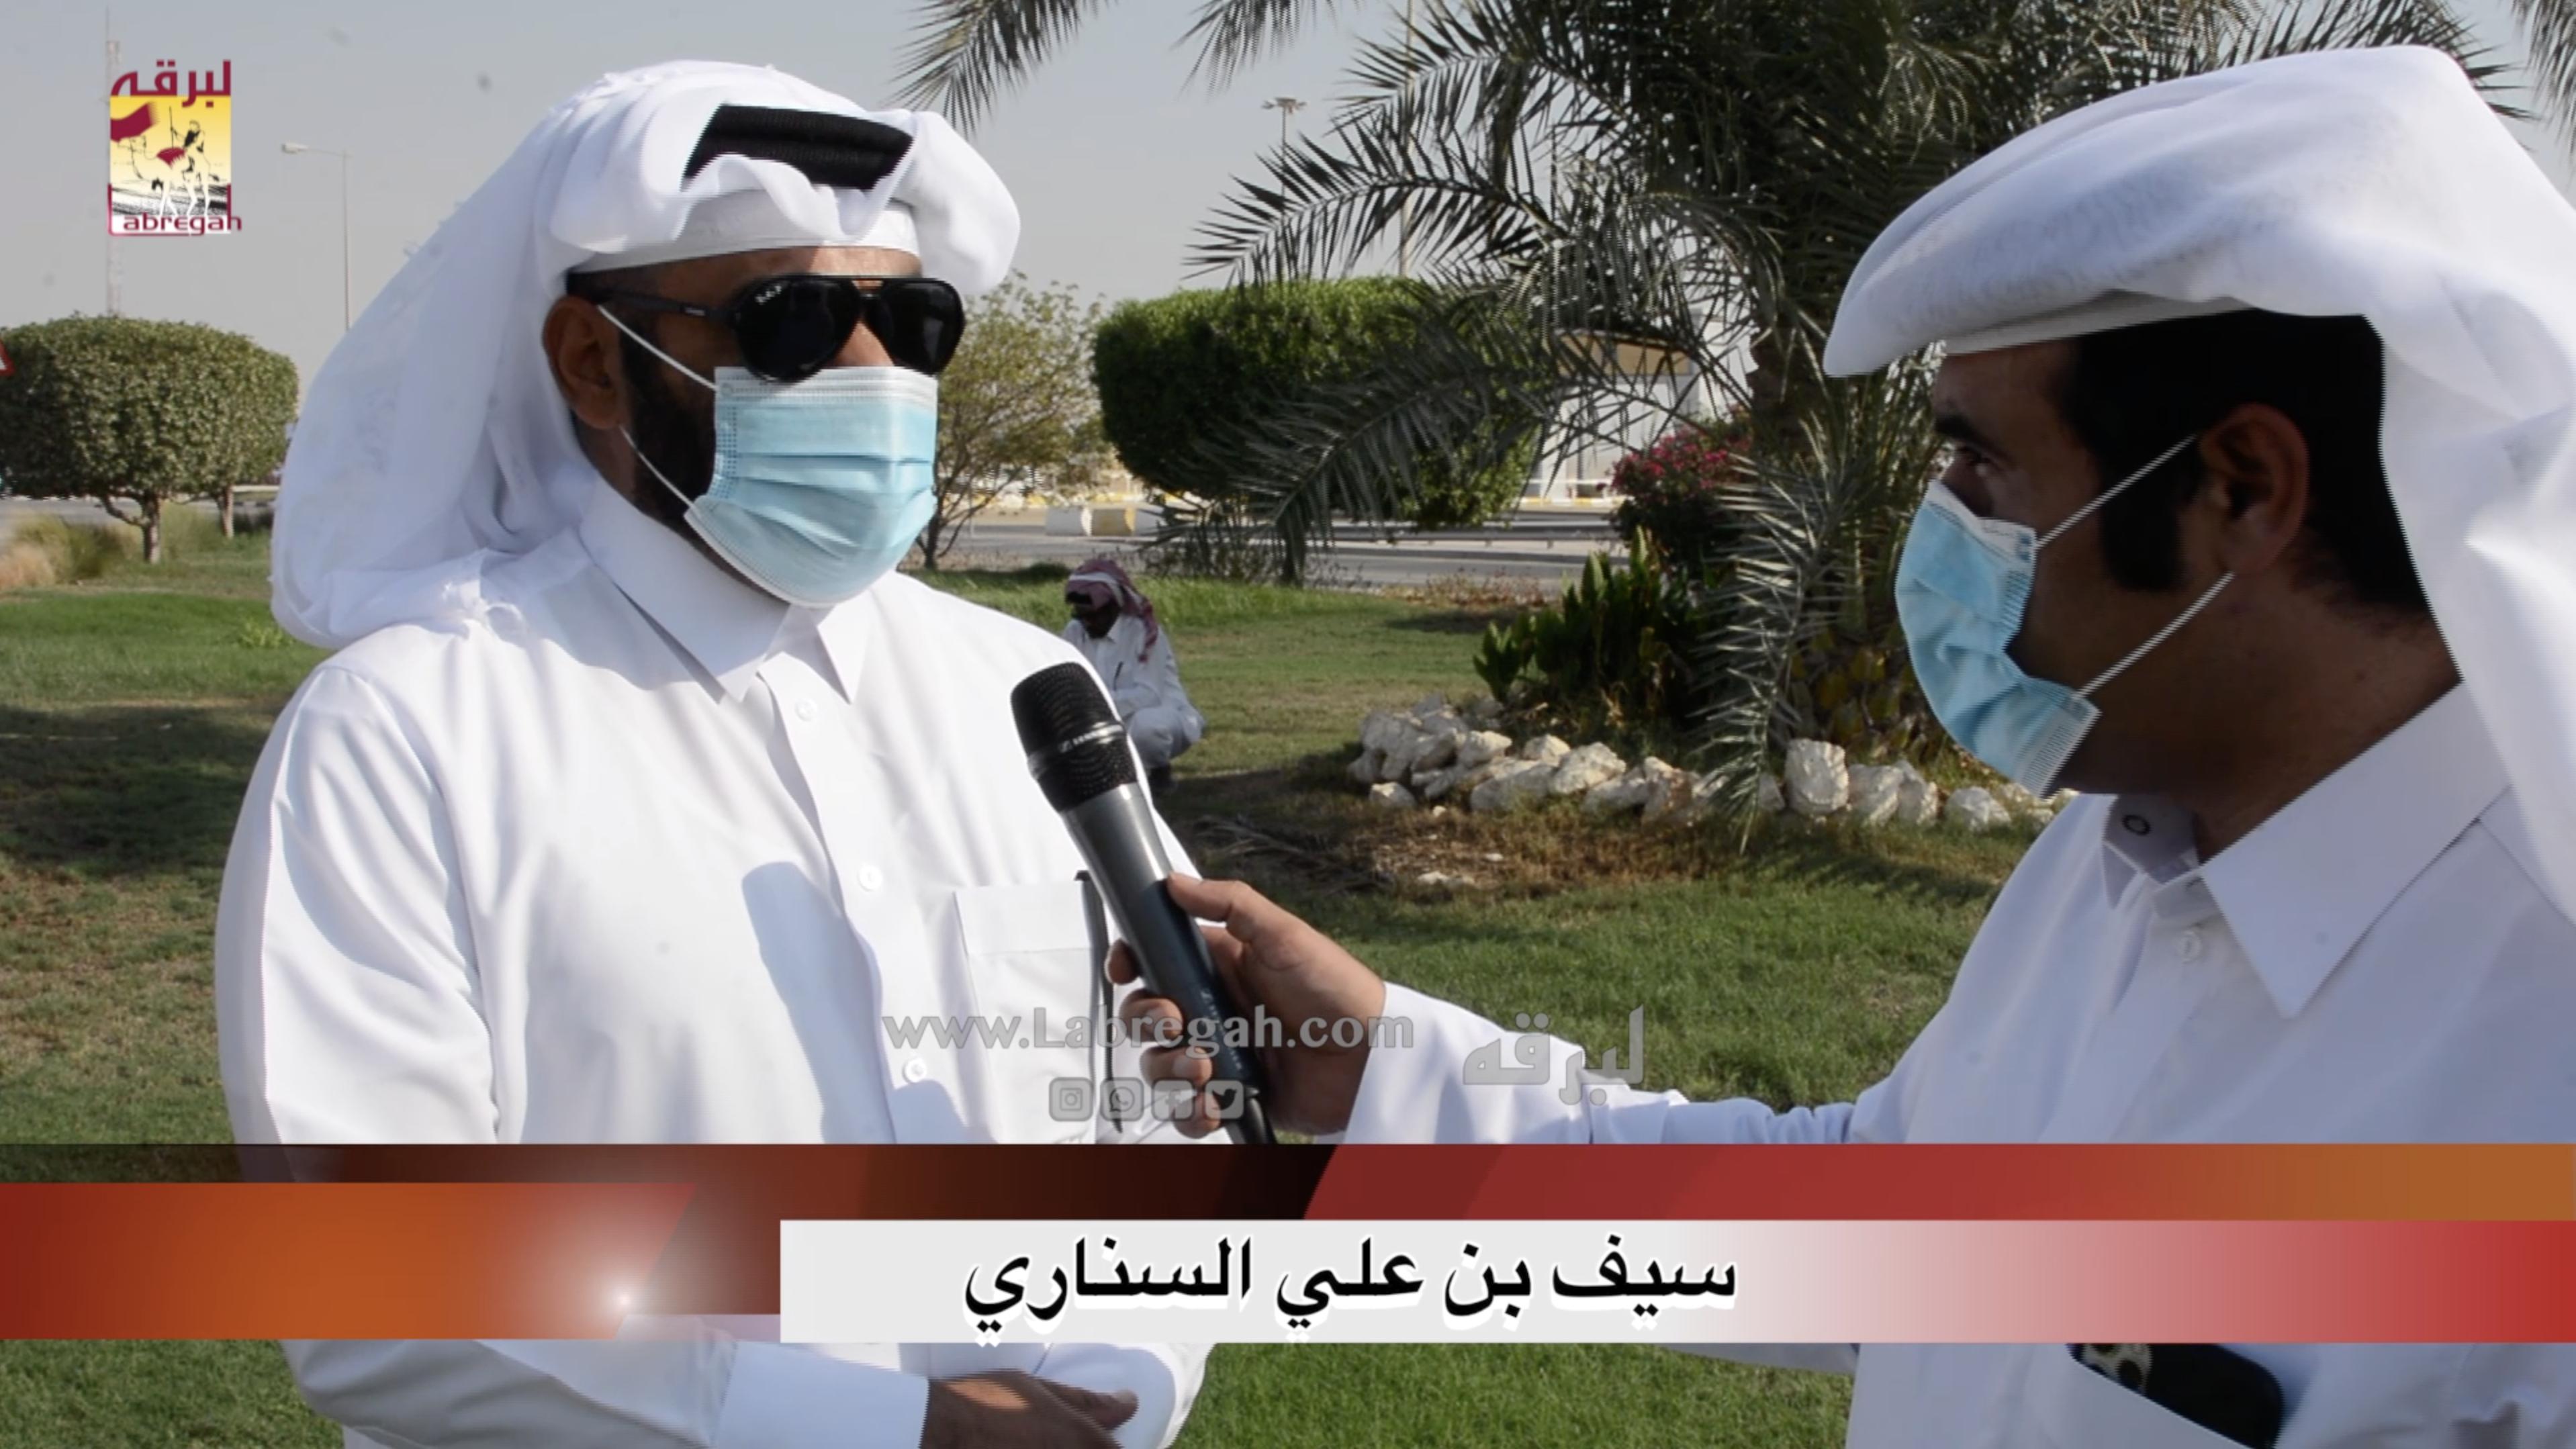 لقاء مع سيف بن علي السناري.. الفائز بالشوط الرئيسي للحقايق بكار إنتاج صباح ٥-٩-٢٠٢٠